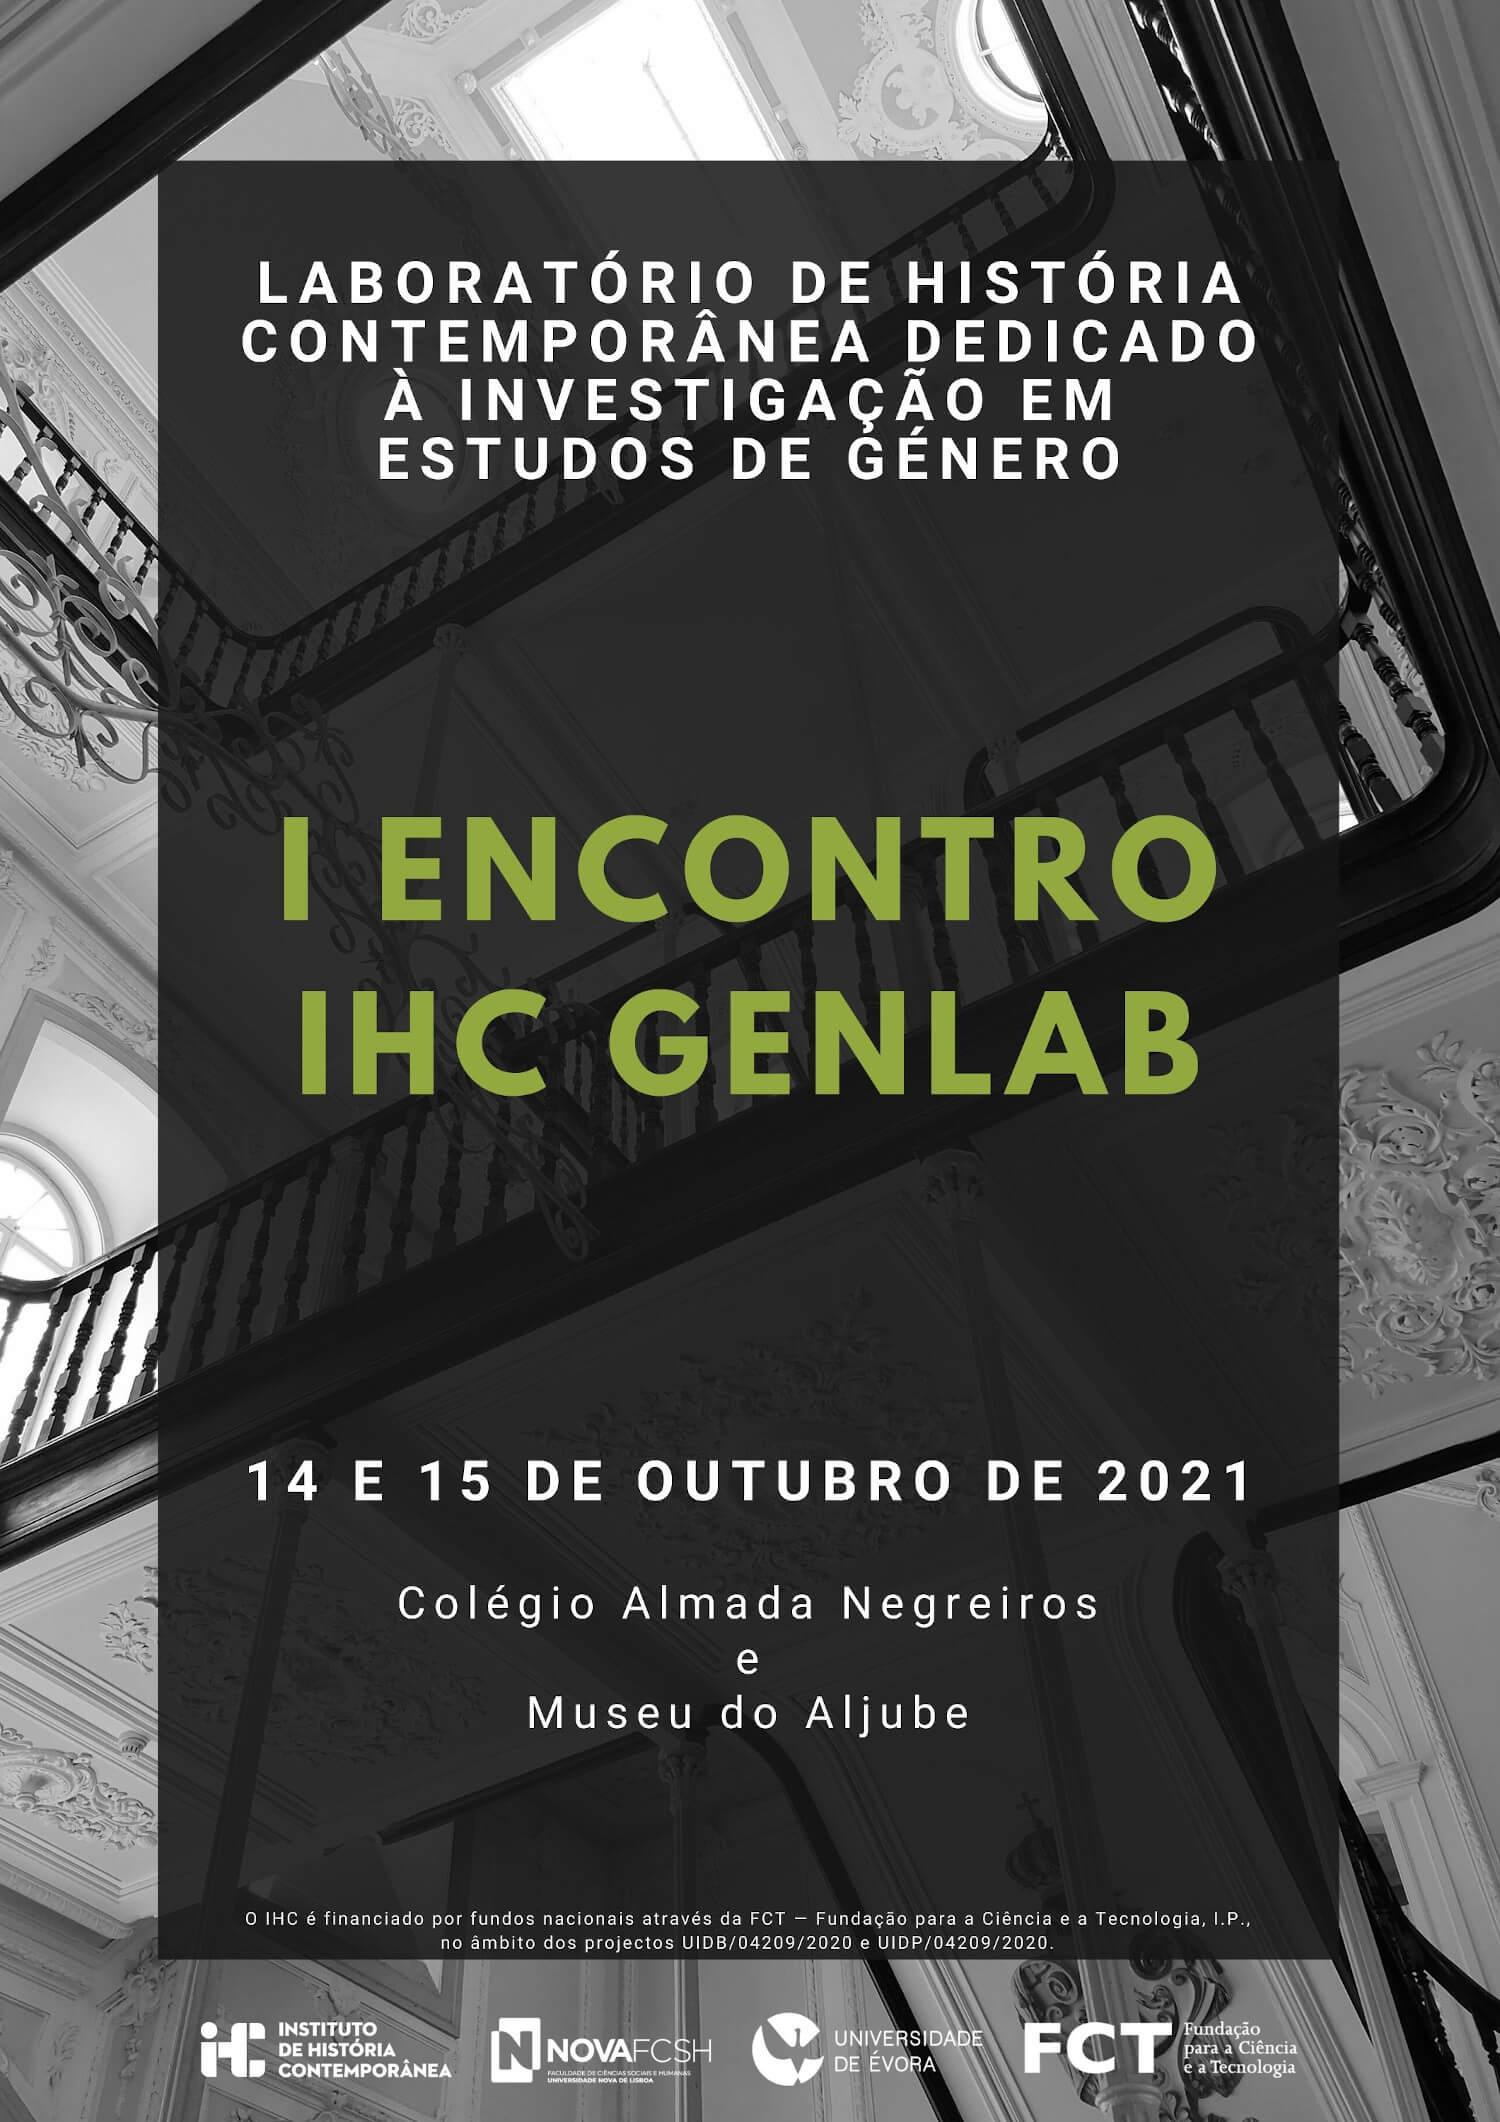 Cartaz do I Encontro IHC GenLab. 14 e 15 de Outubro de 2021. Colégio Almada Negreiros e Museu do Aljube, Lisboa